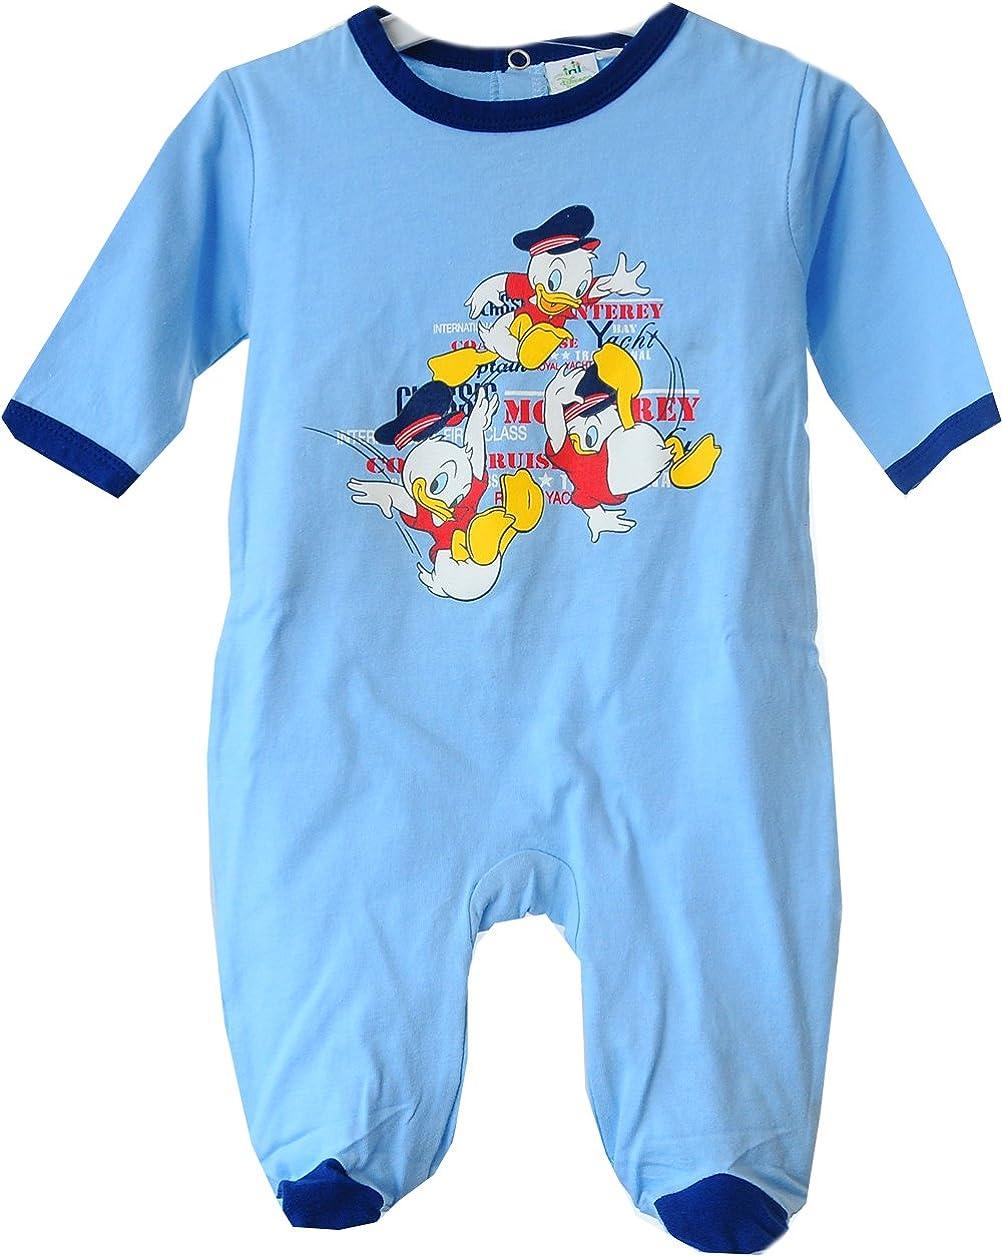 MICHLEY Baby Strampler Overall mit Kapuze Unisex Strampelanzug Winter Flanell/Spielanzug f/ür 2-24 Monate